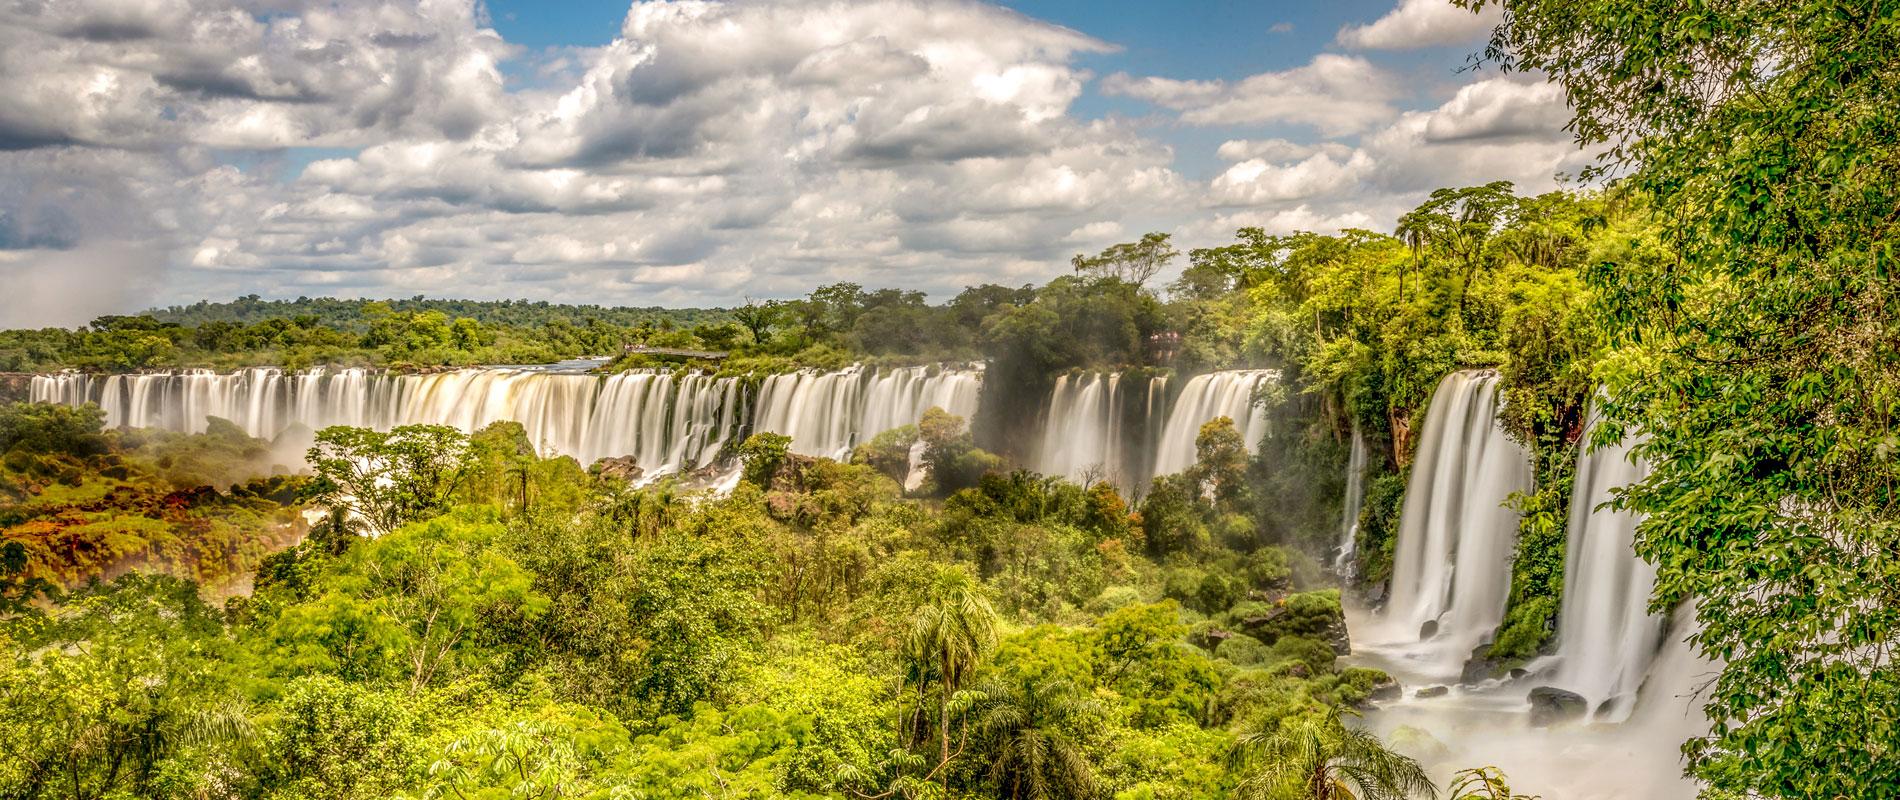 Argentine & Brésil - Chutes d'Iguazu